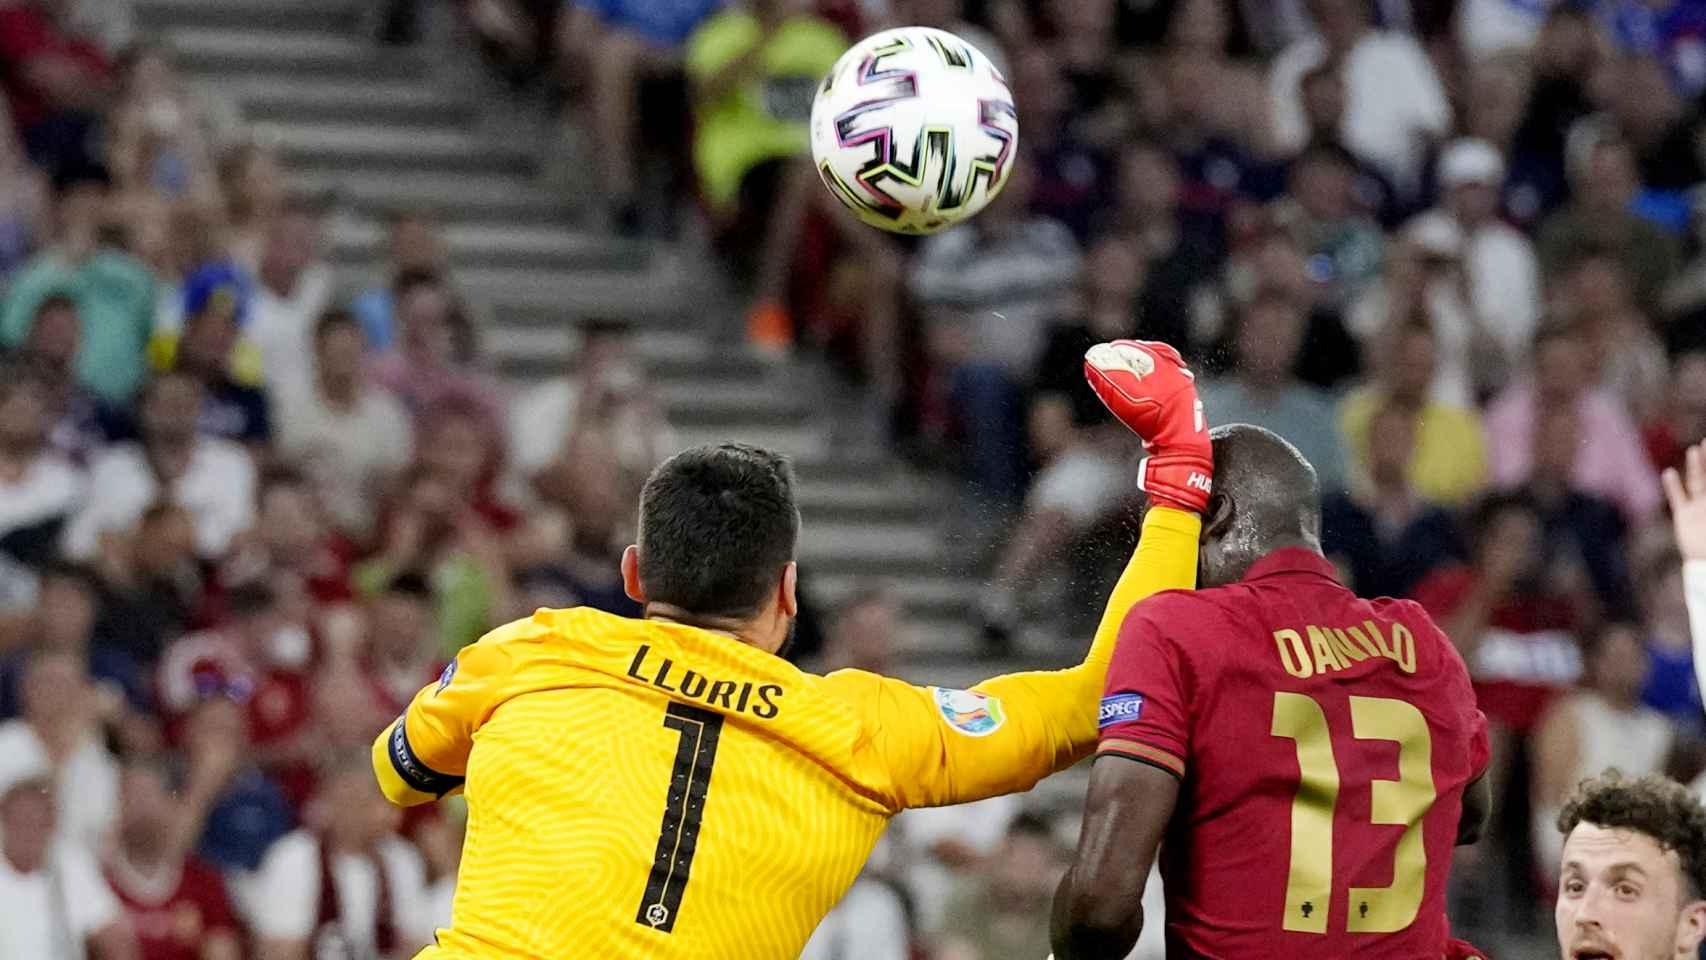 Lloris golpeando a Pereira en su intento de despeje